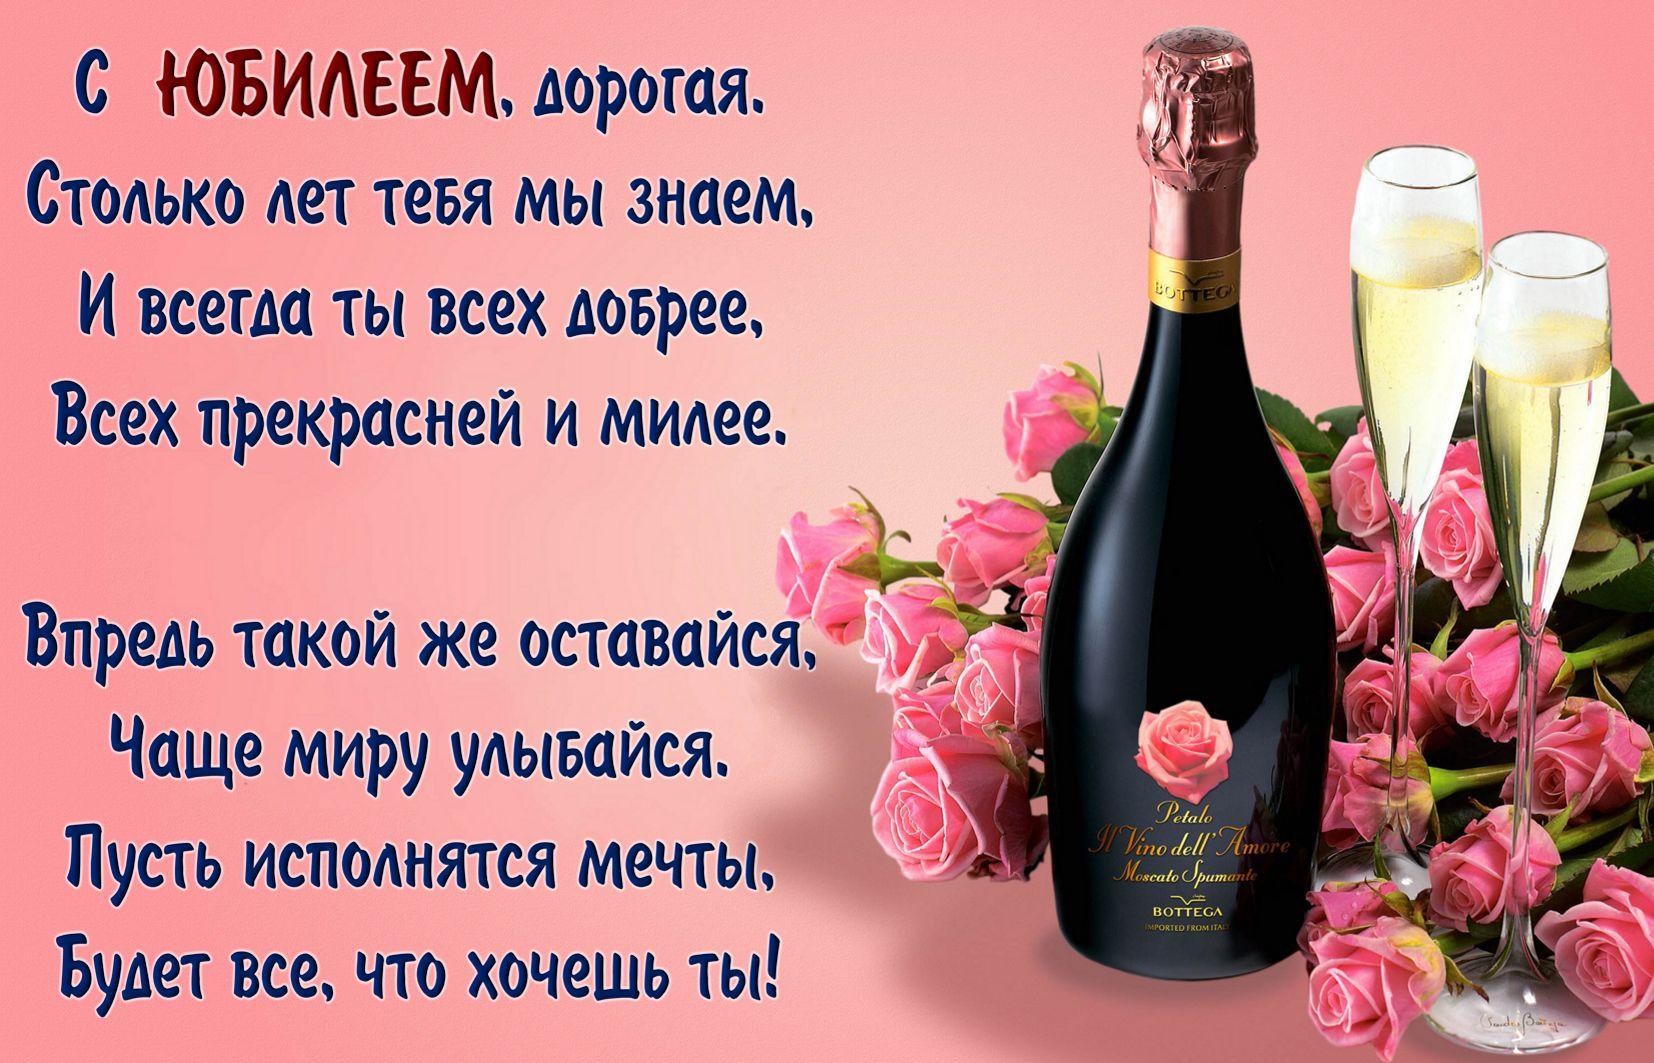 Открытка - шампанское и розы на юбилей женщине